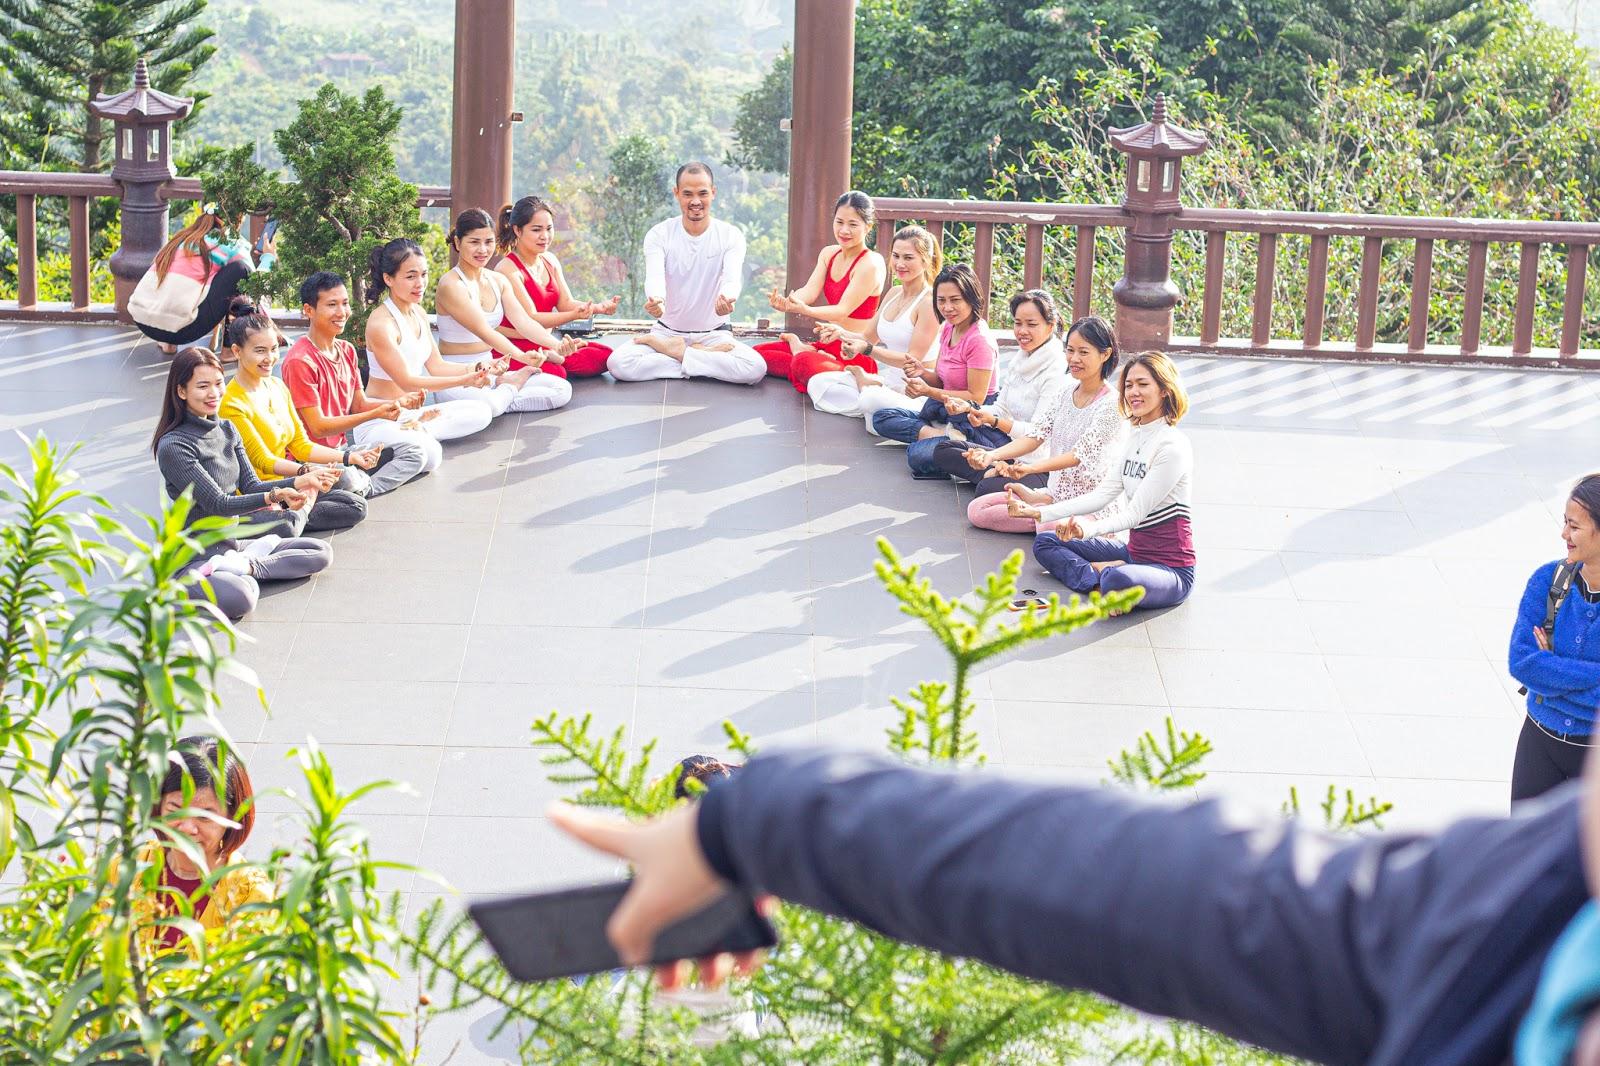 Độc Quyền - Cận cảnh nhóm phụ nữ U30 ăn mặc mát mẻ, tạo dáng nhạy cảm dù có biển cấm ở chùa Linh Quy Pháp Ấn - Hình 5